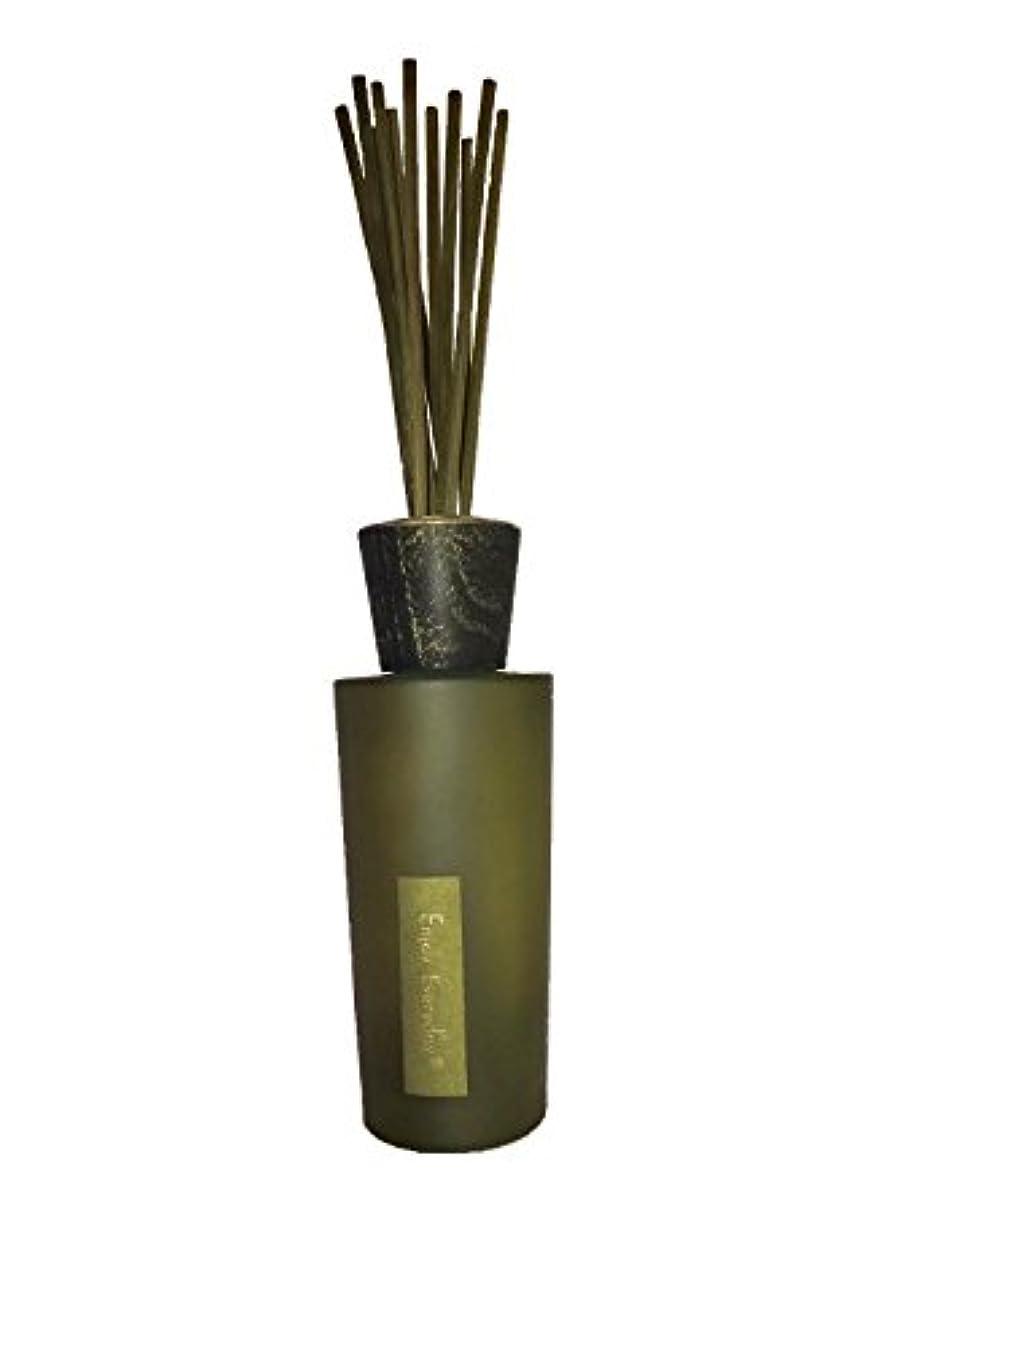 中絶不可能なフェッチ40%OFF!【Branch of Aroma】100%天然アロマスティックディフューザー-9種の香り- (200ml) (ラグジュアリーRose)